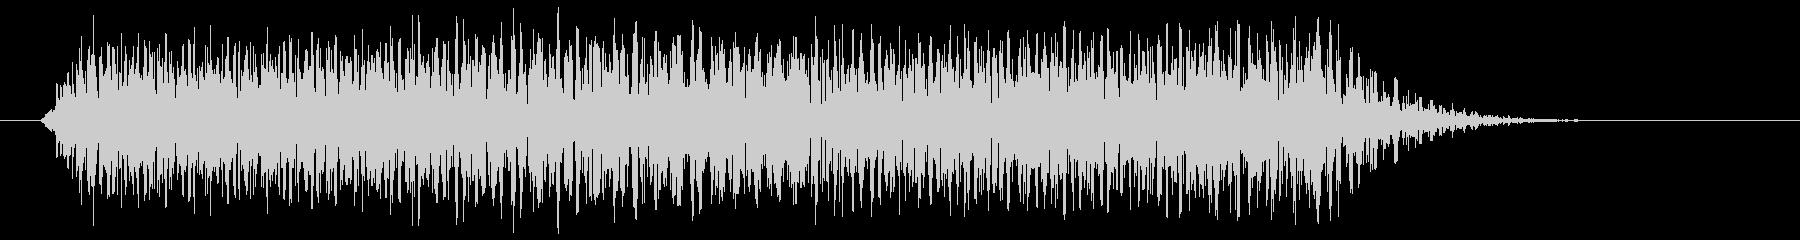 タァーー(電子音)の未再生の波形